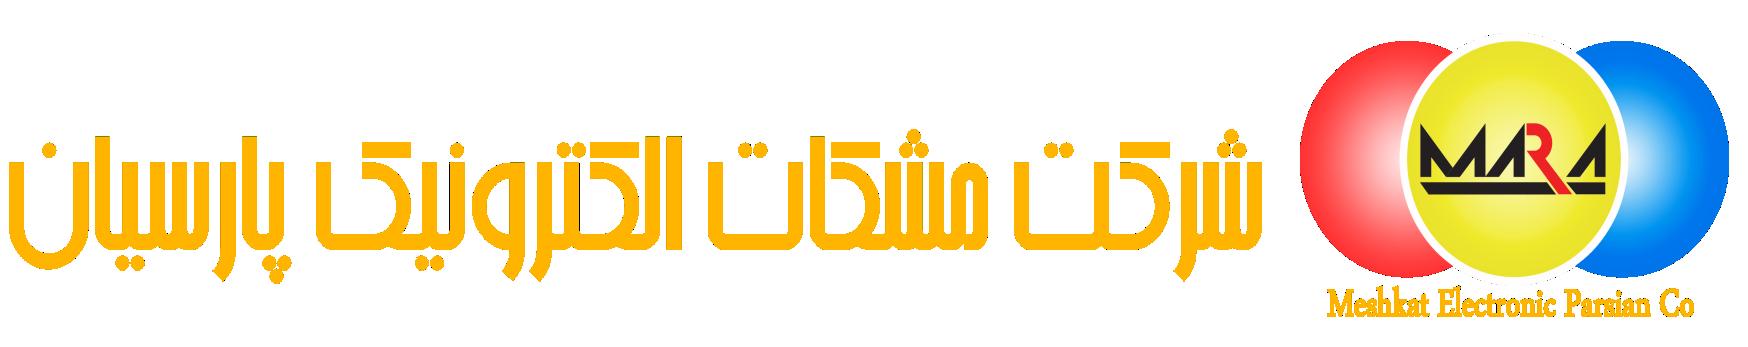 شرکت مشکات الکترونیک پارسیان